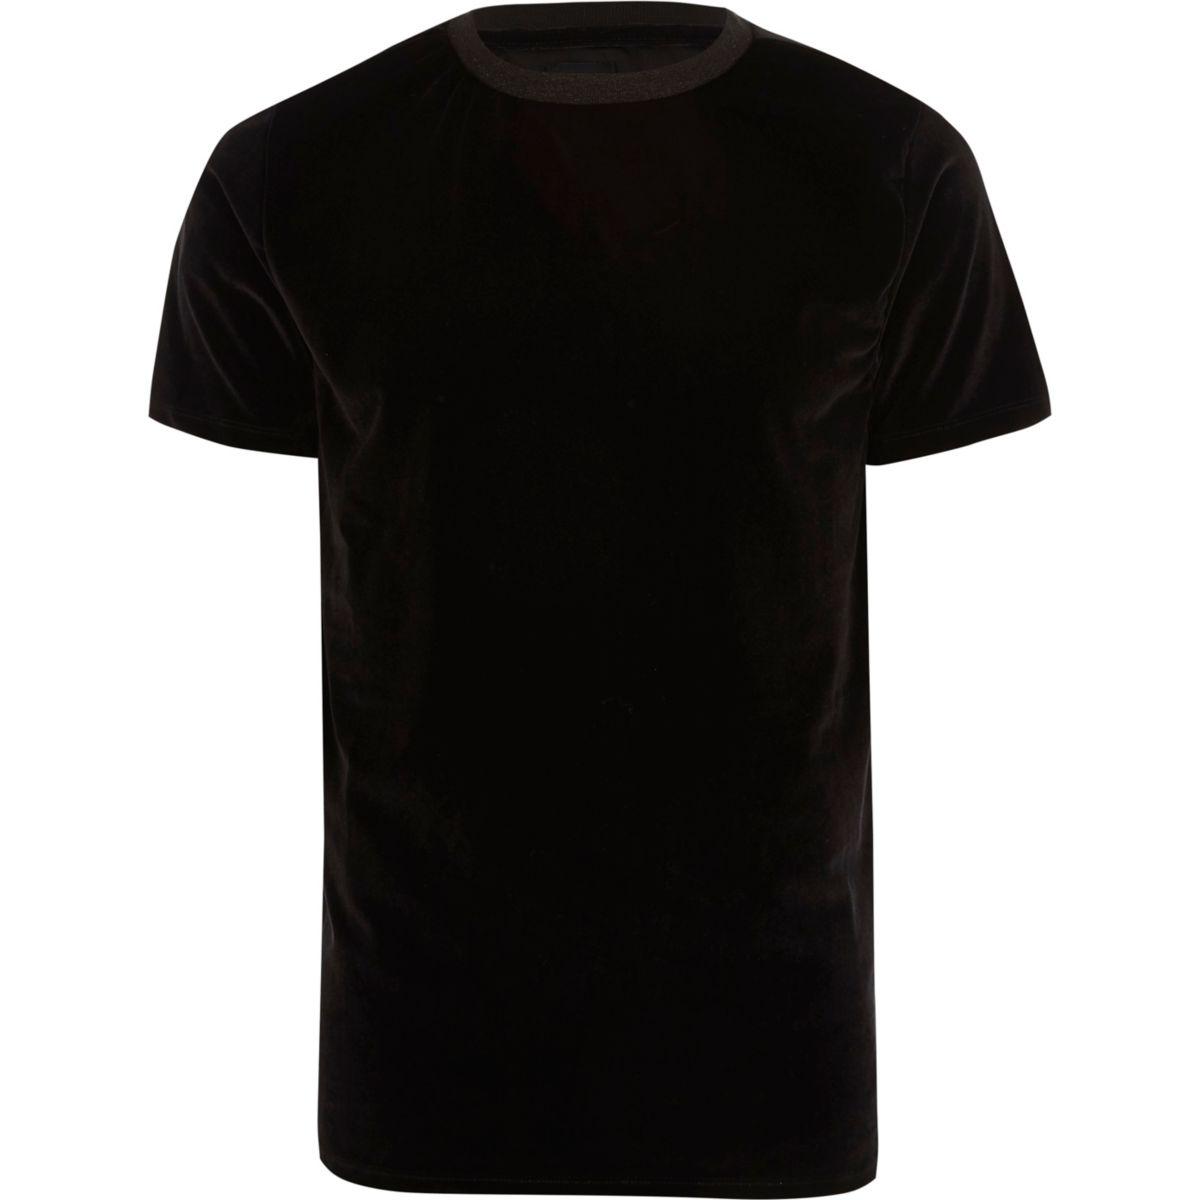 Black slim fit velvet crew neck T-shirt